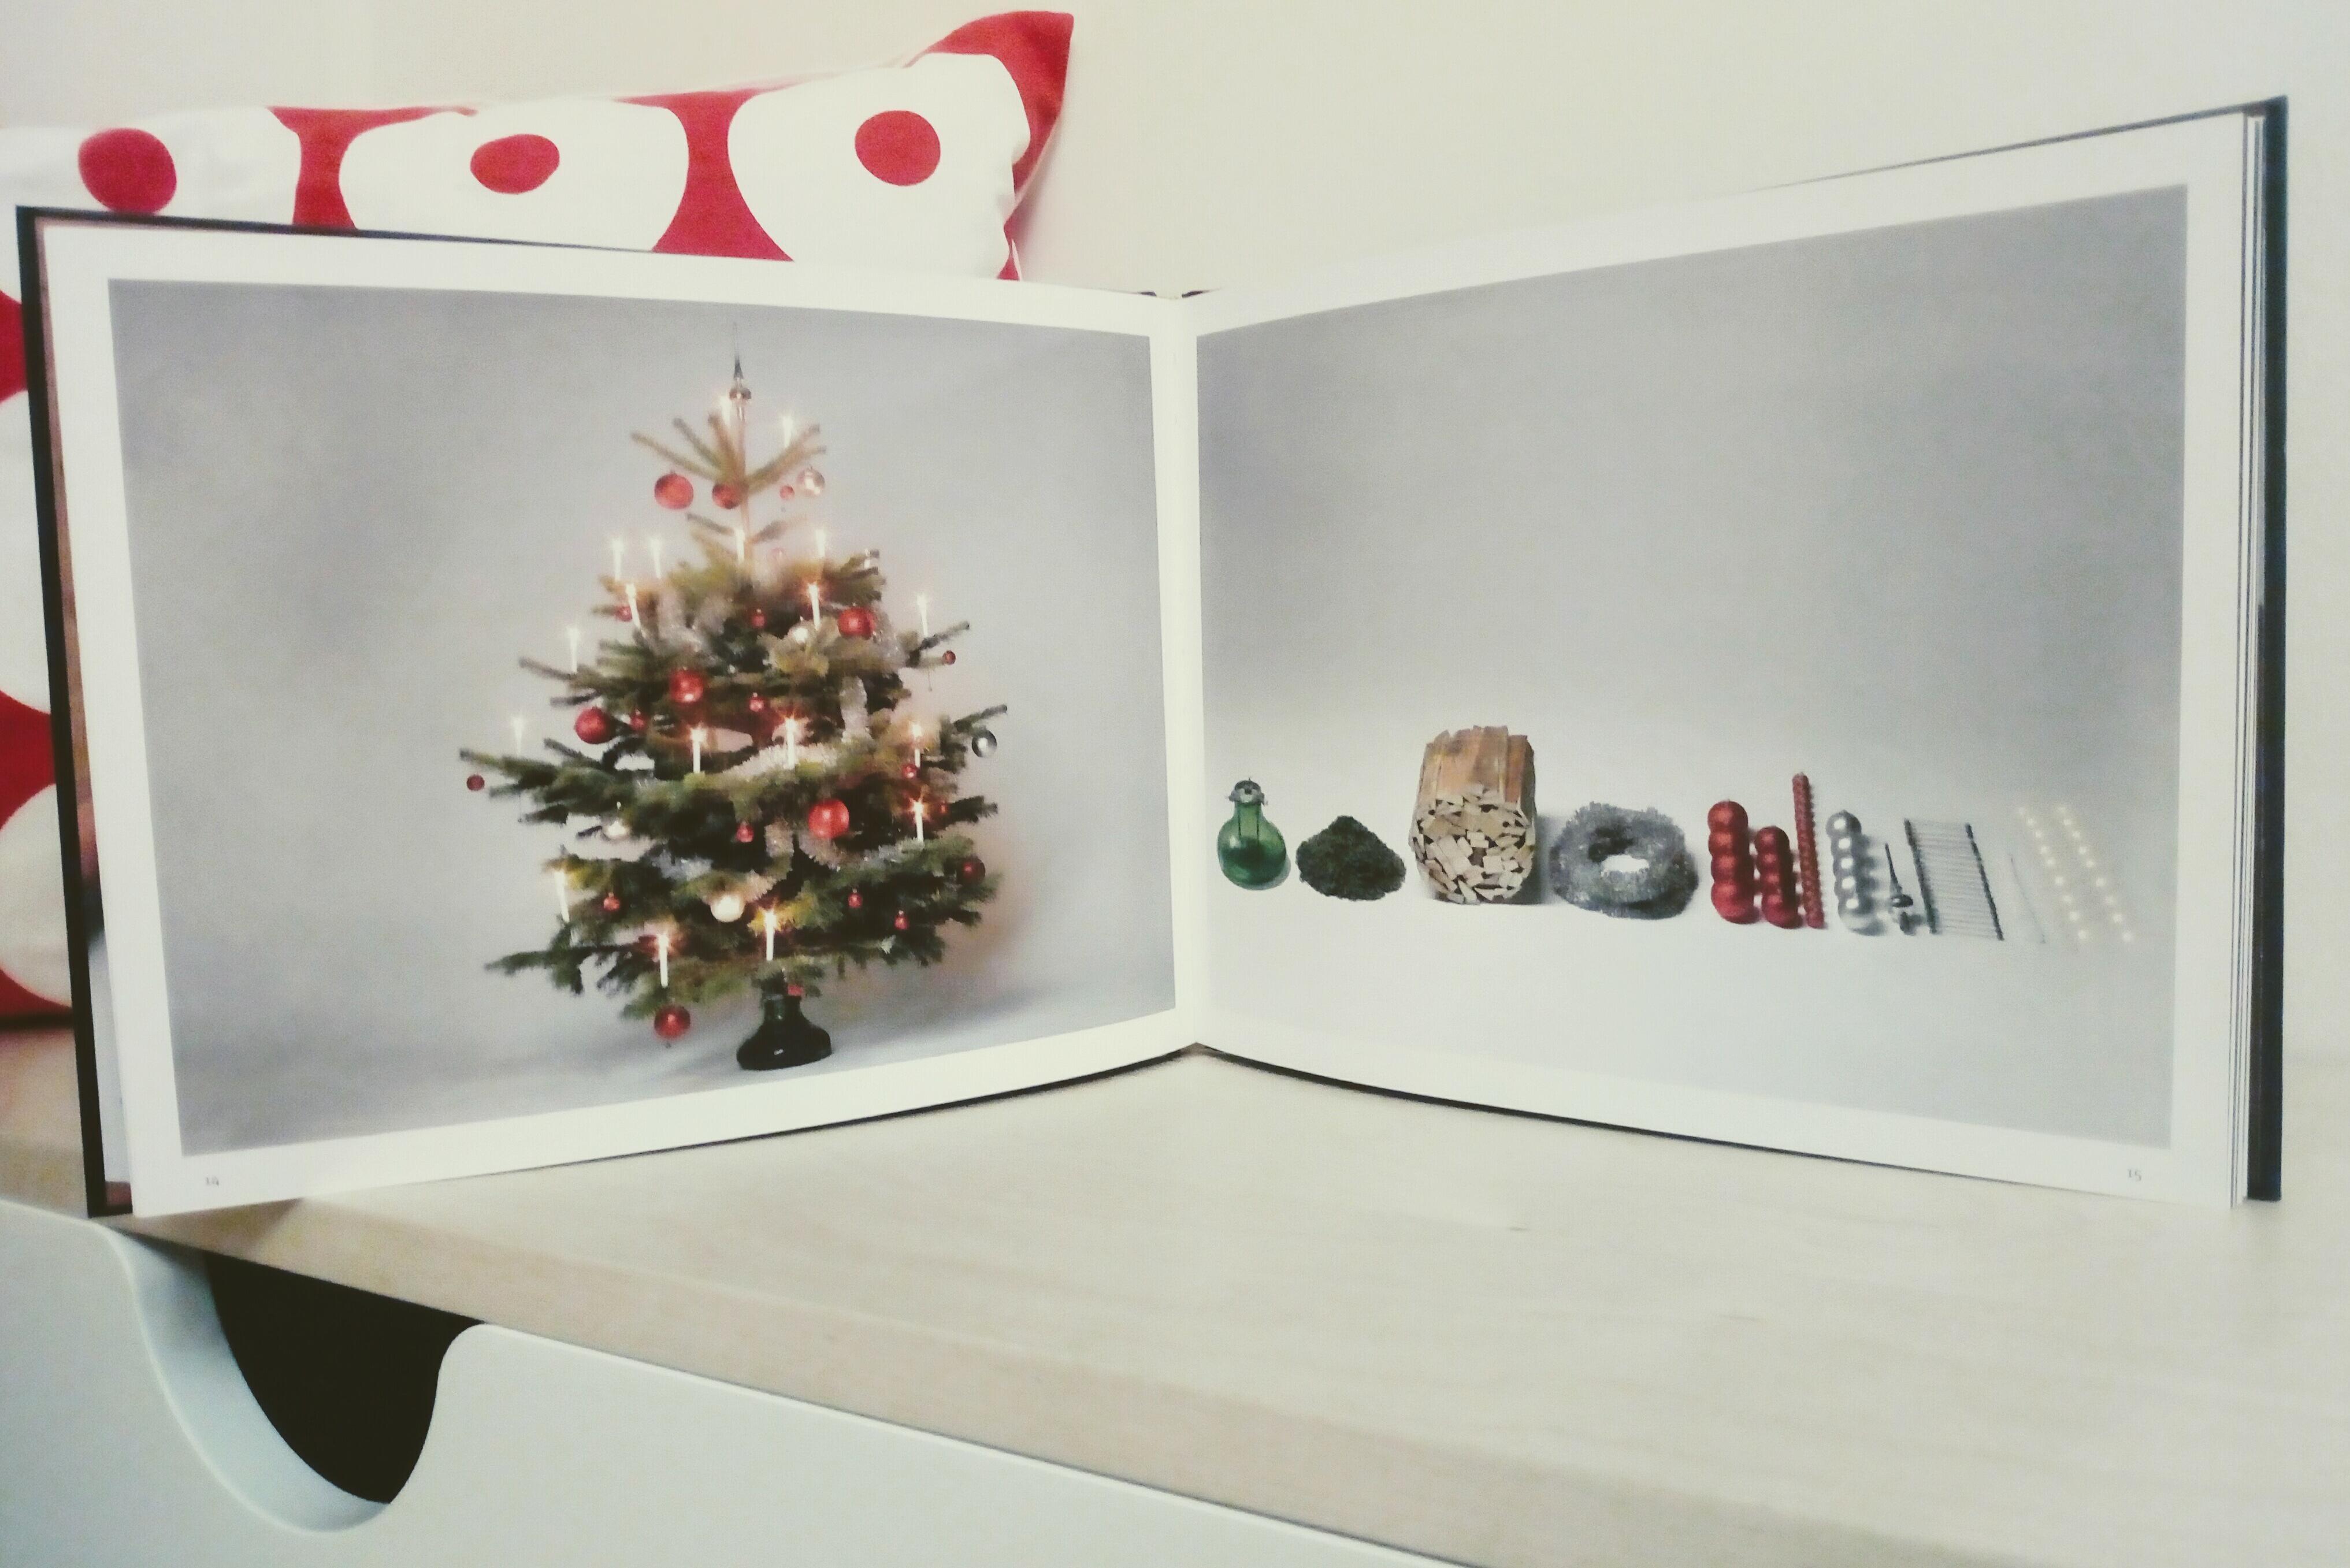 Der Letzte Weihnachtsbaum.Der Letzte Abend Morgen Nehmen Wir Abschied Vom Wei